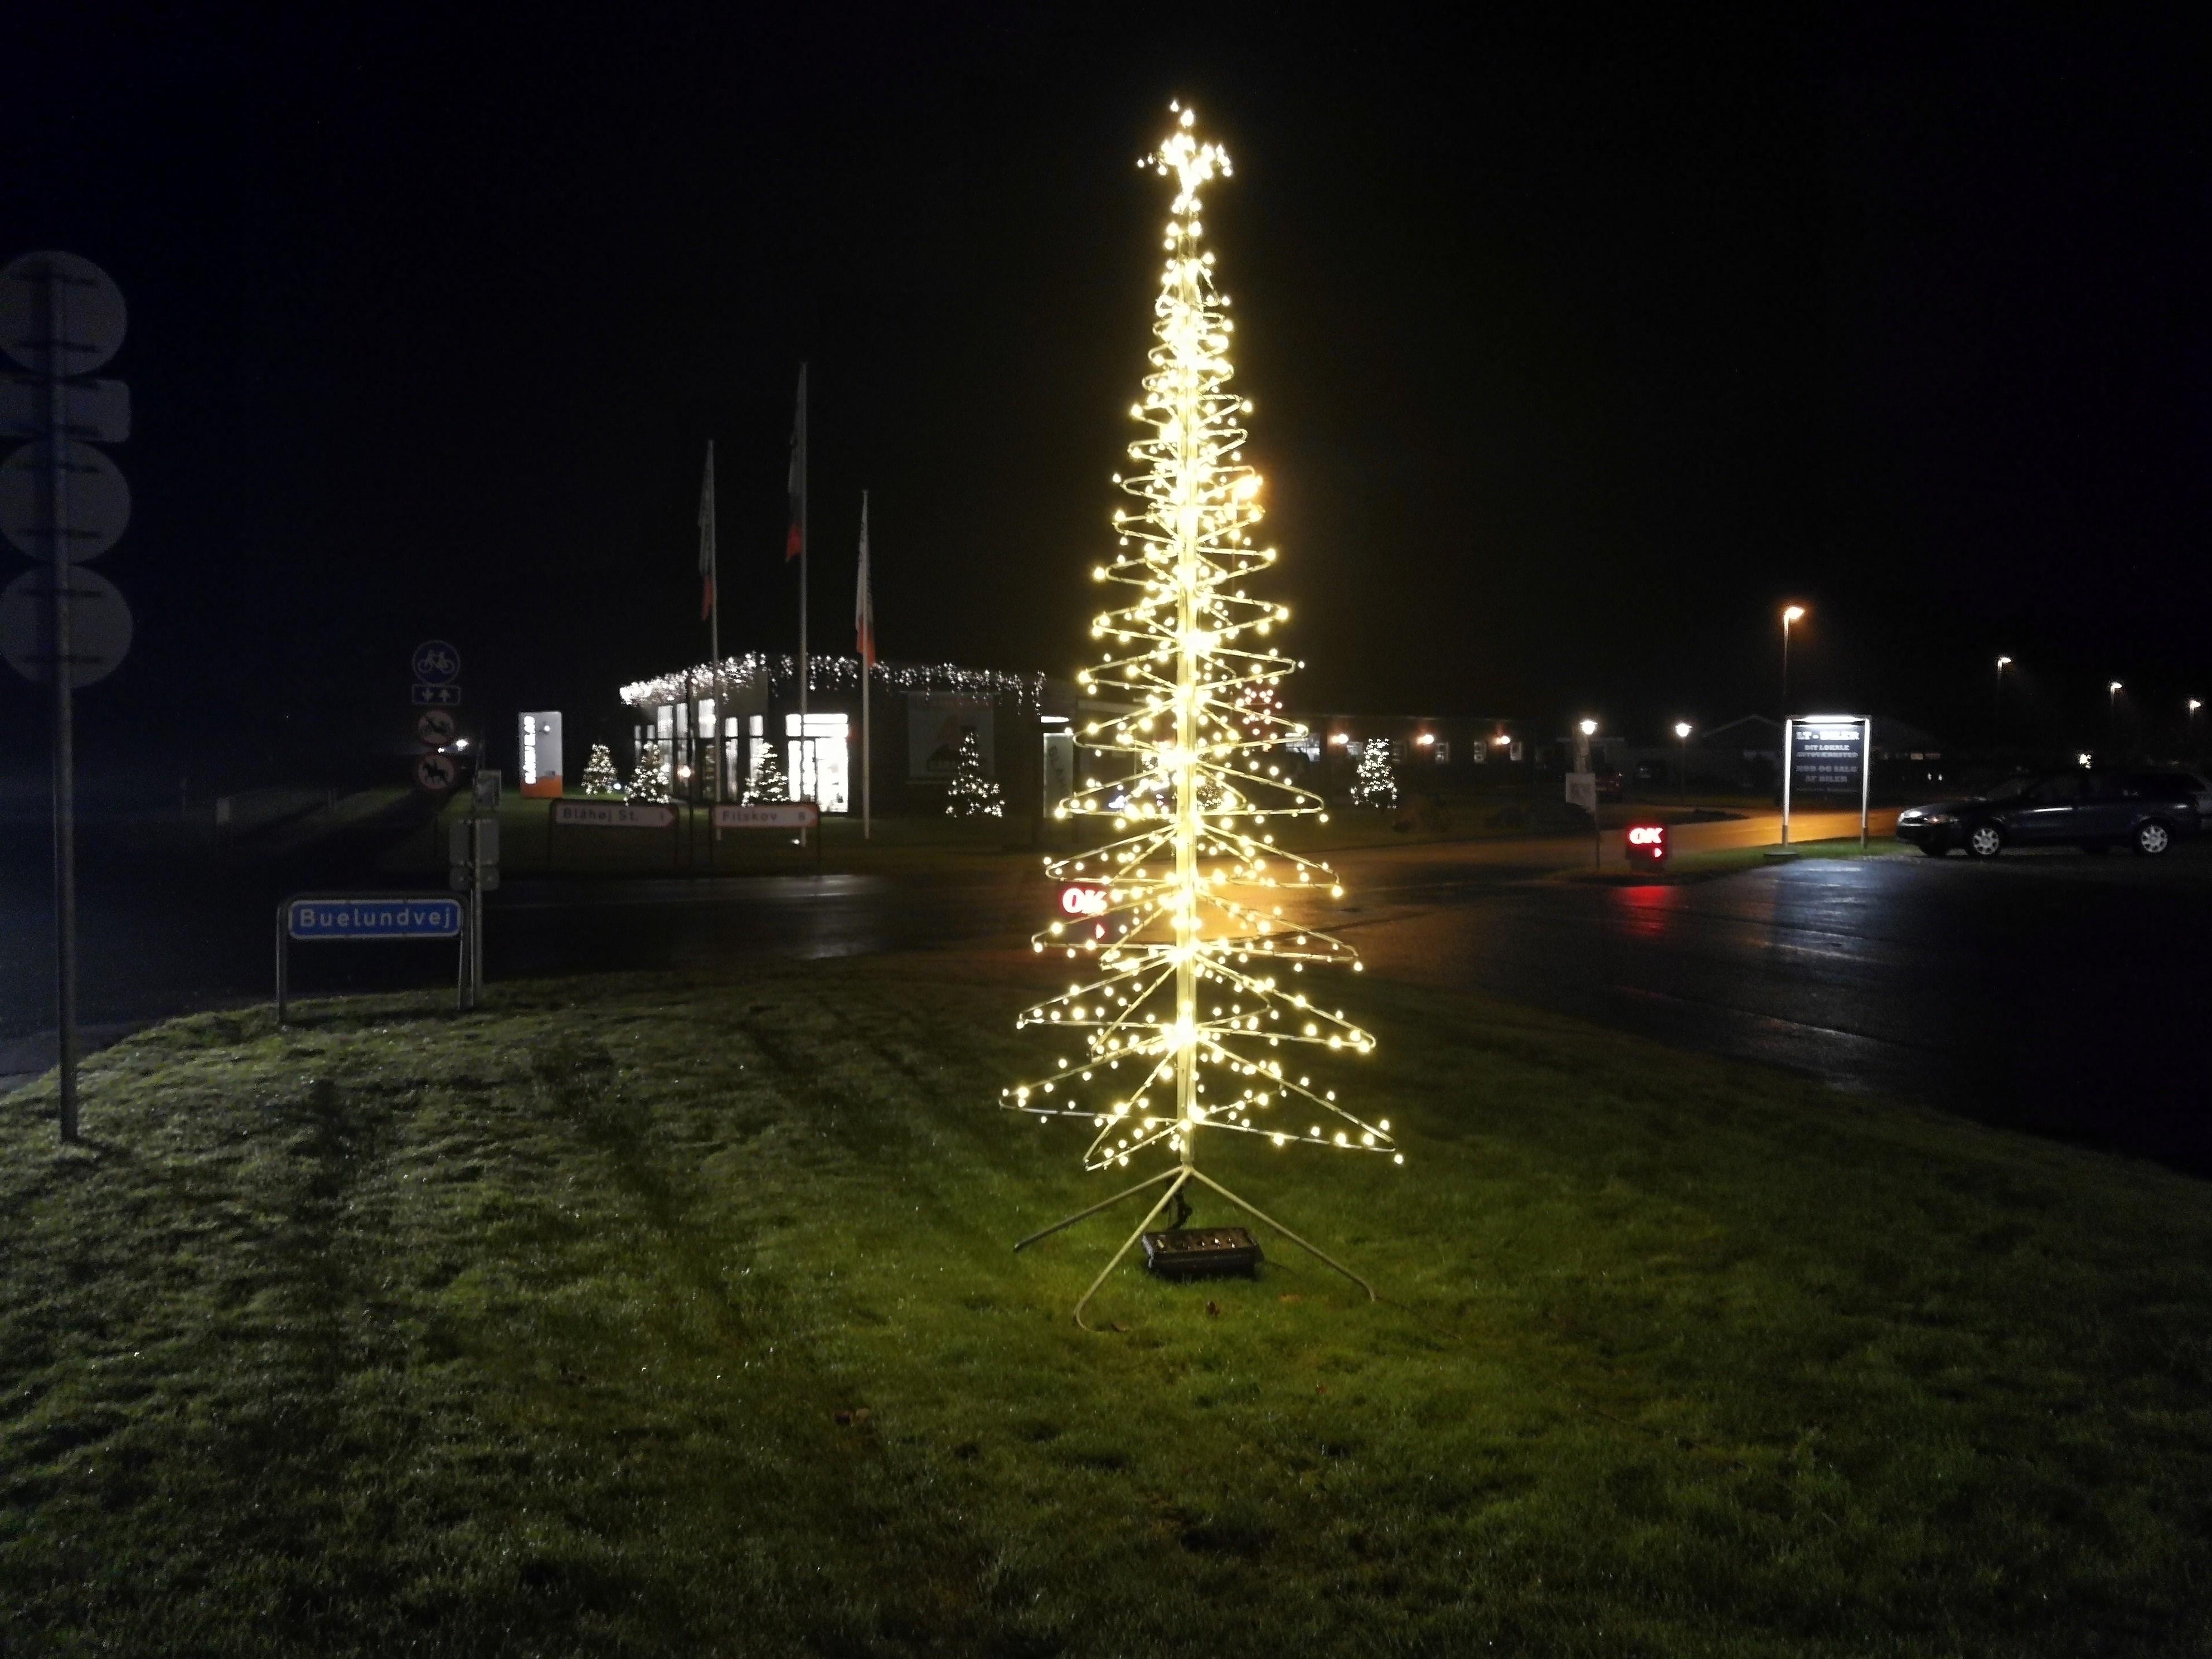 kæmpe juletræ